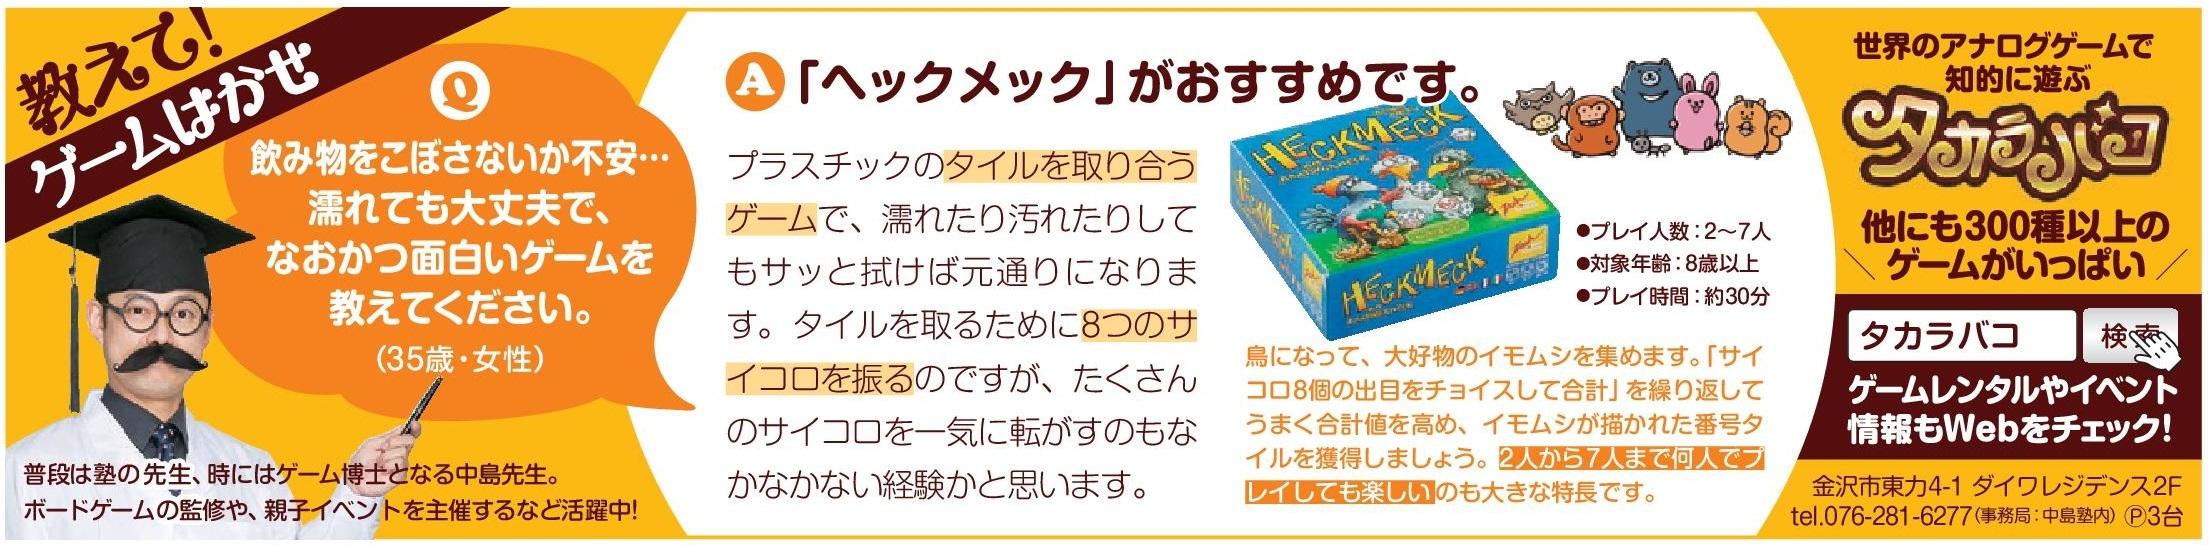 タカラバコ様_KJ0830.jpg